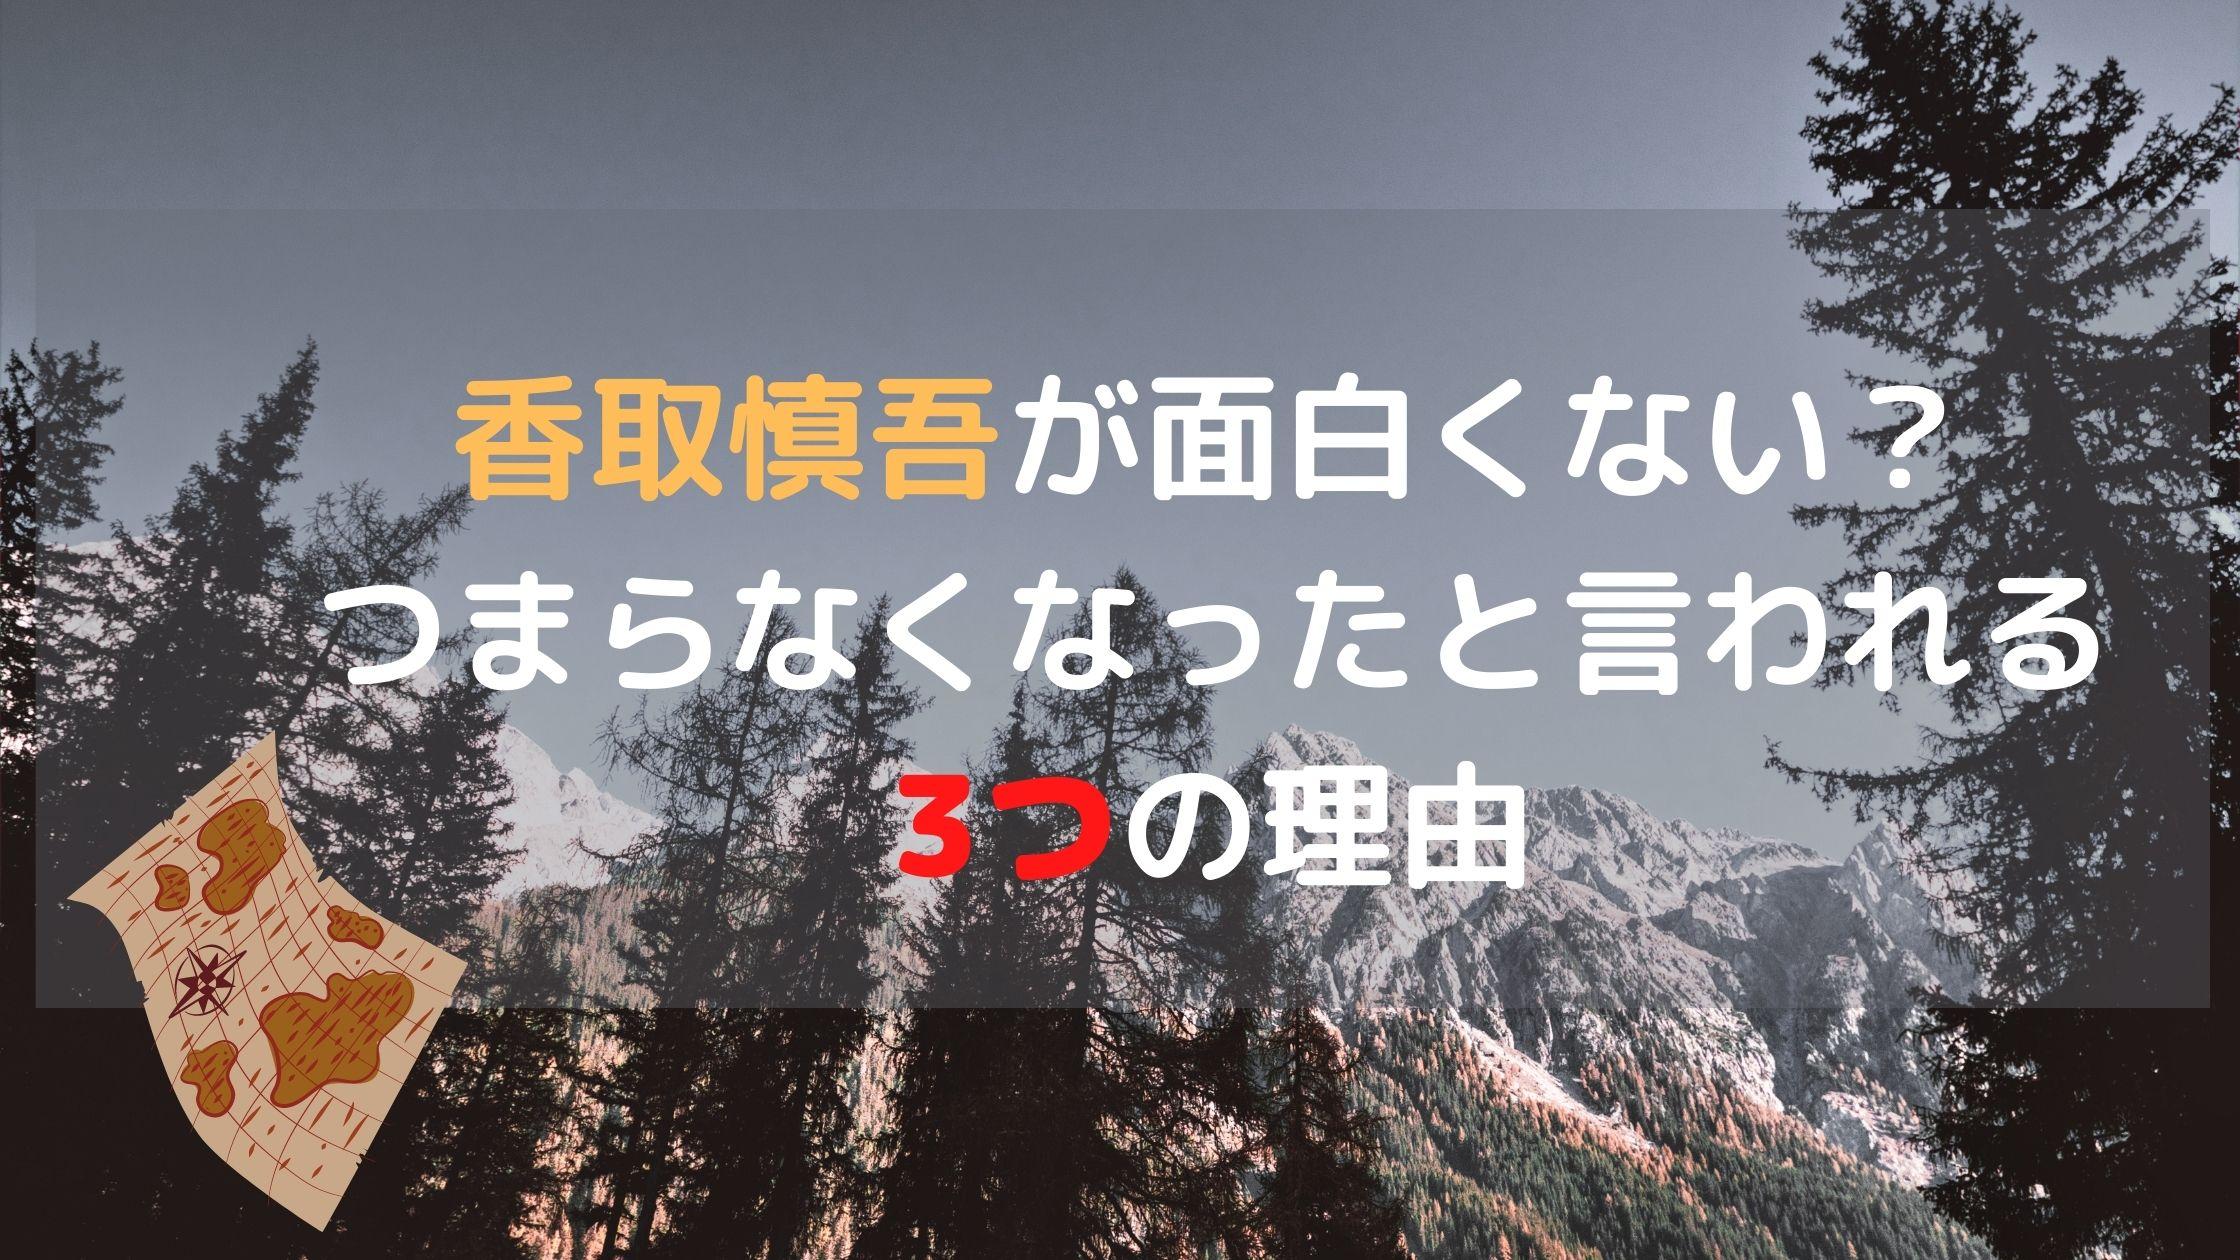 香取慎吾が面白くない?つまらなくなったと言われる3つの理由。